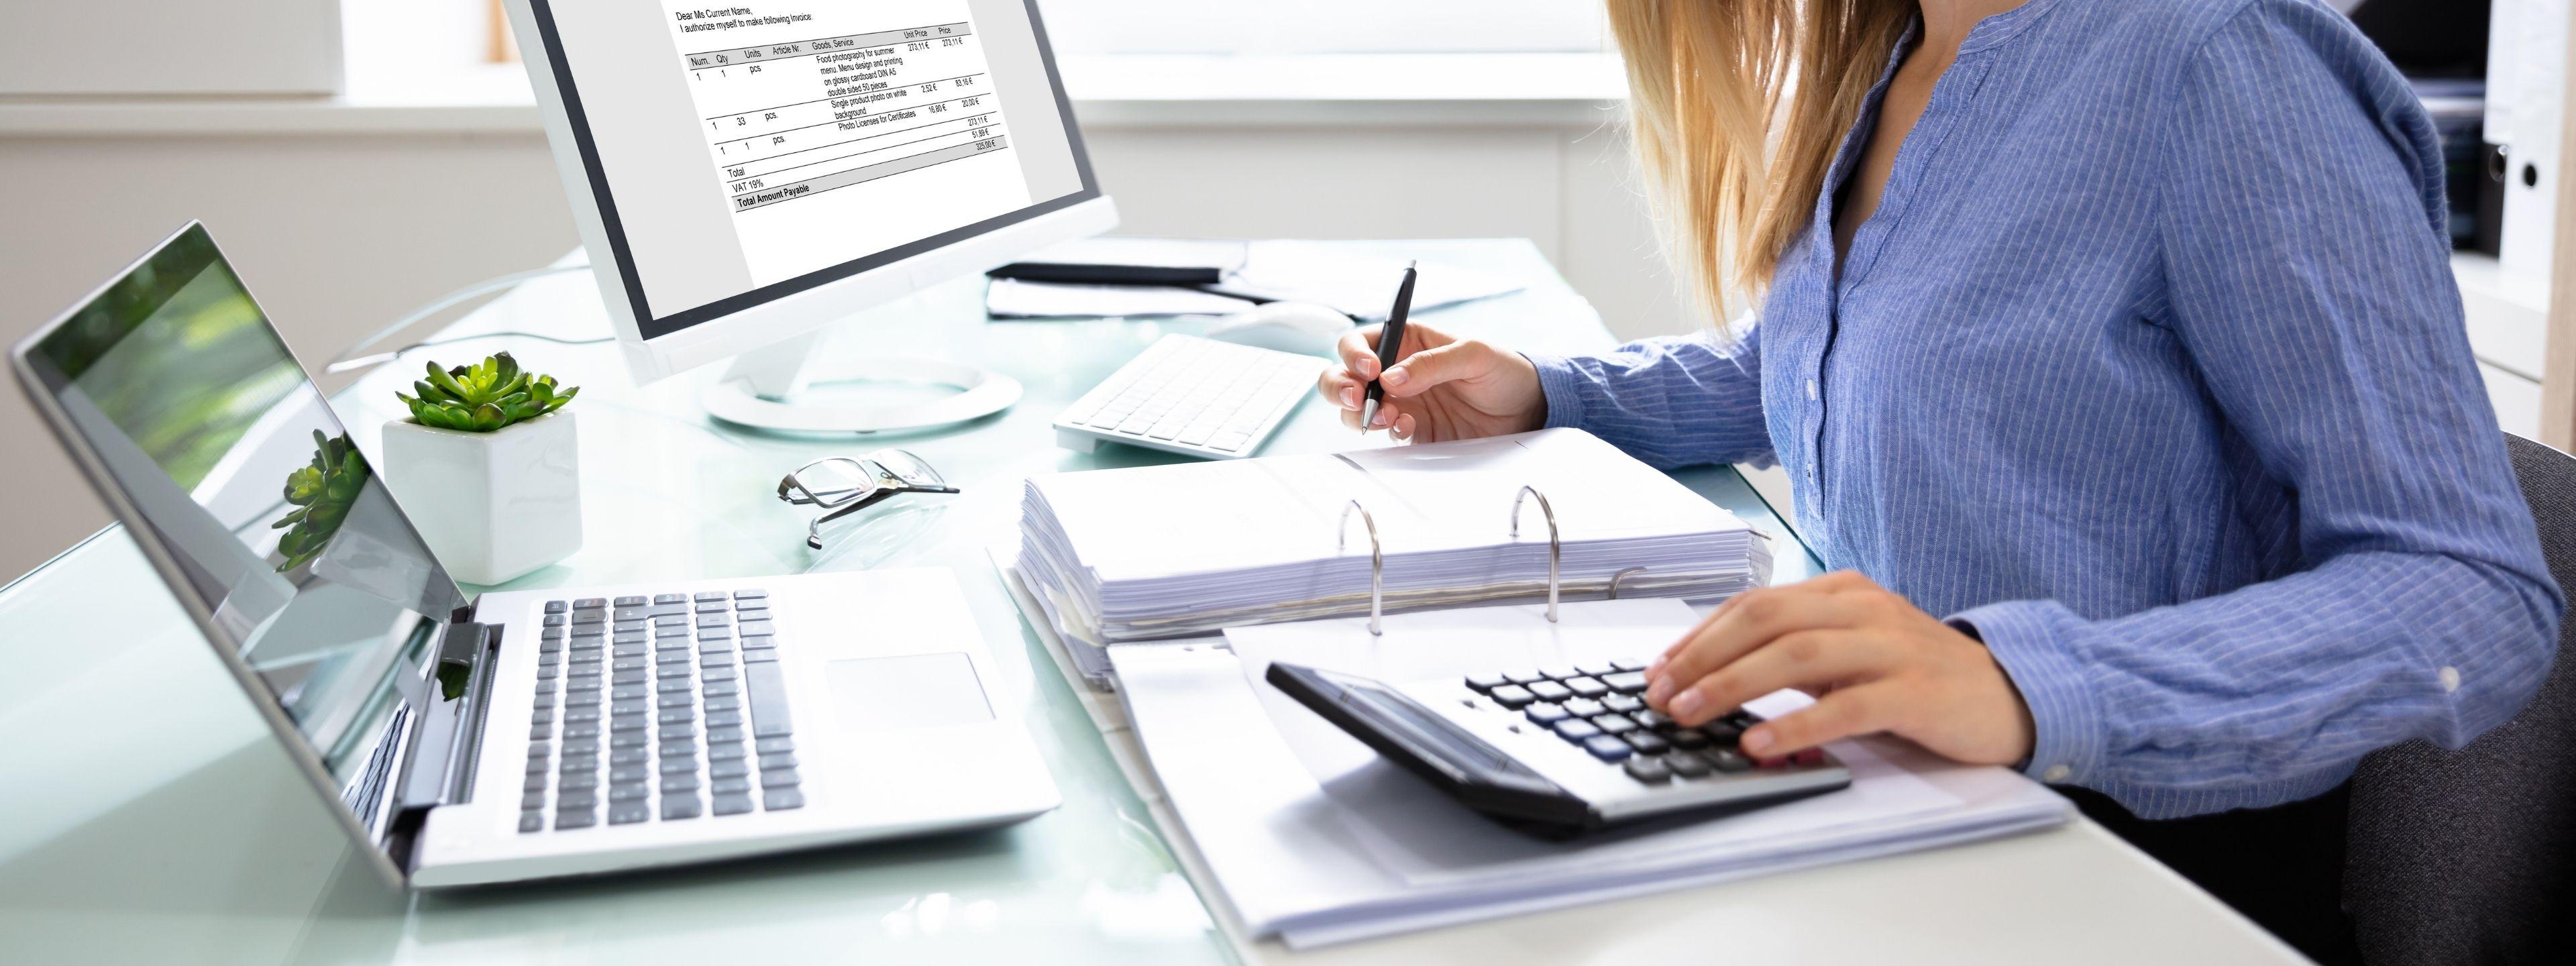 La facturación electrónica: cómo entenderla y sacarle provecho